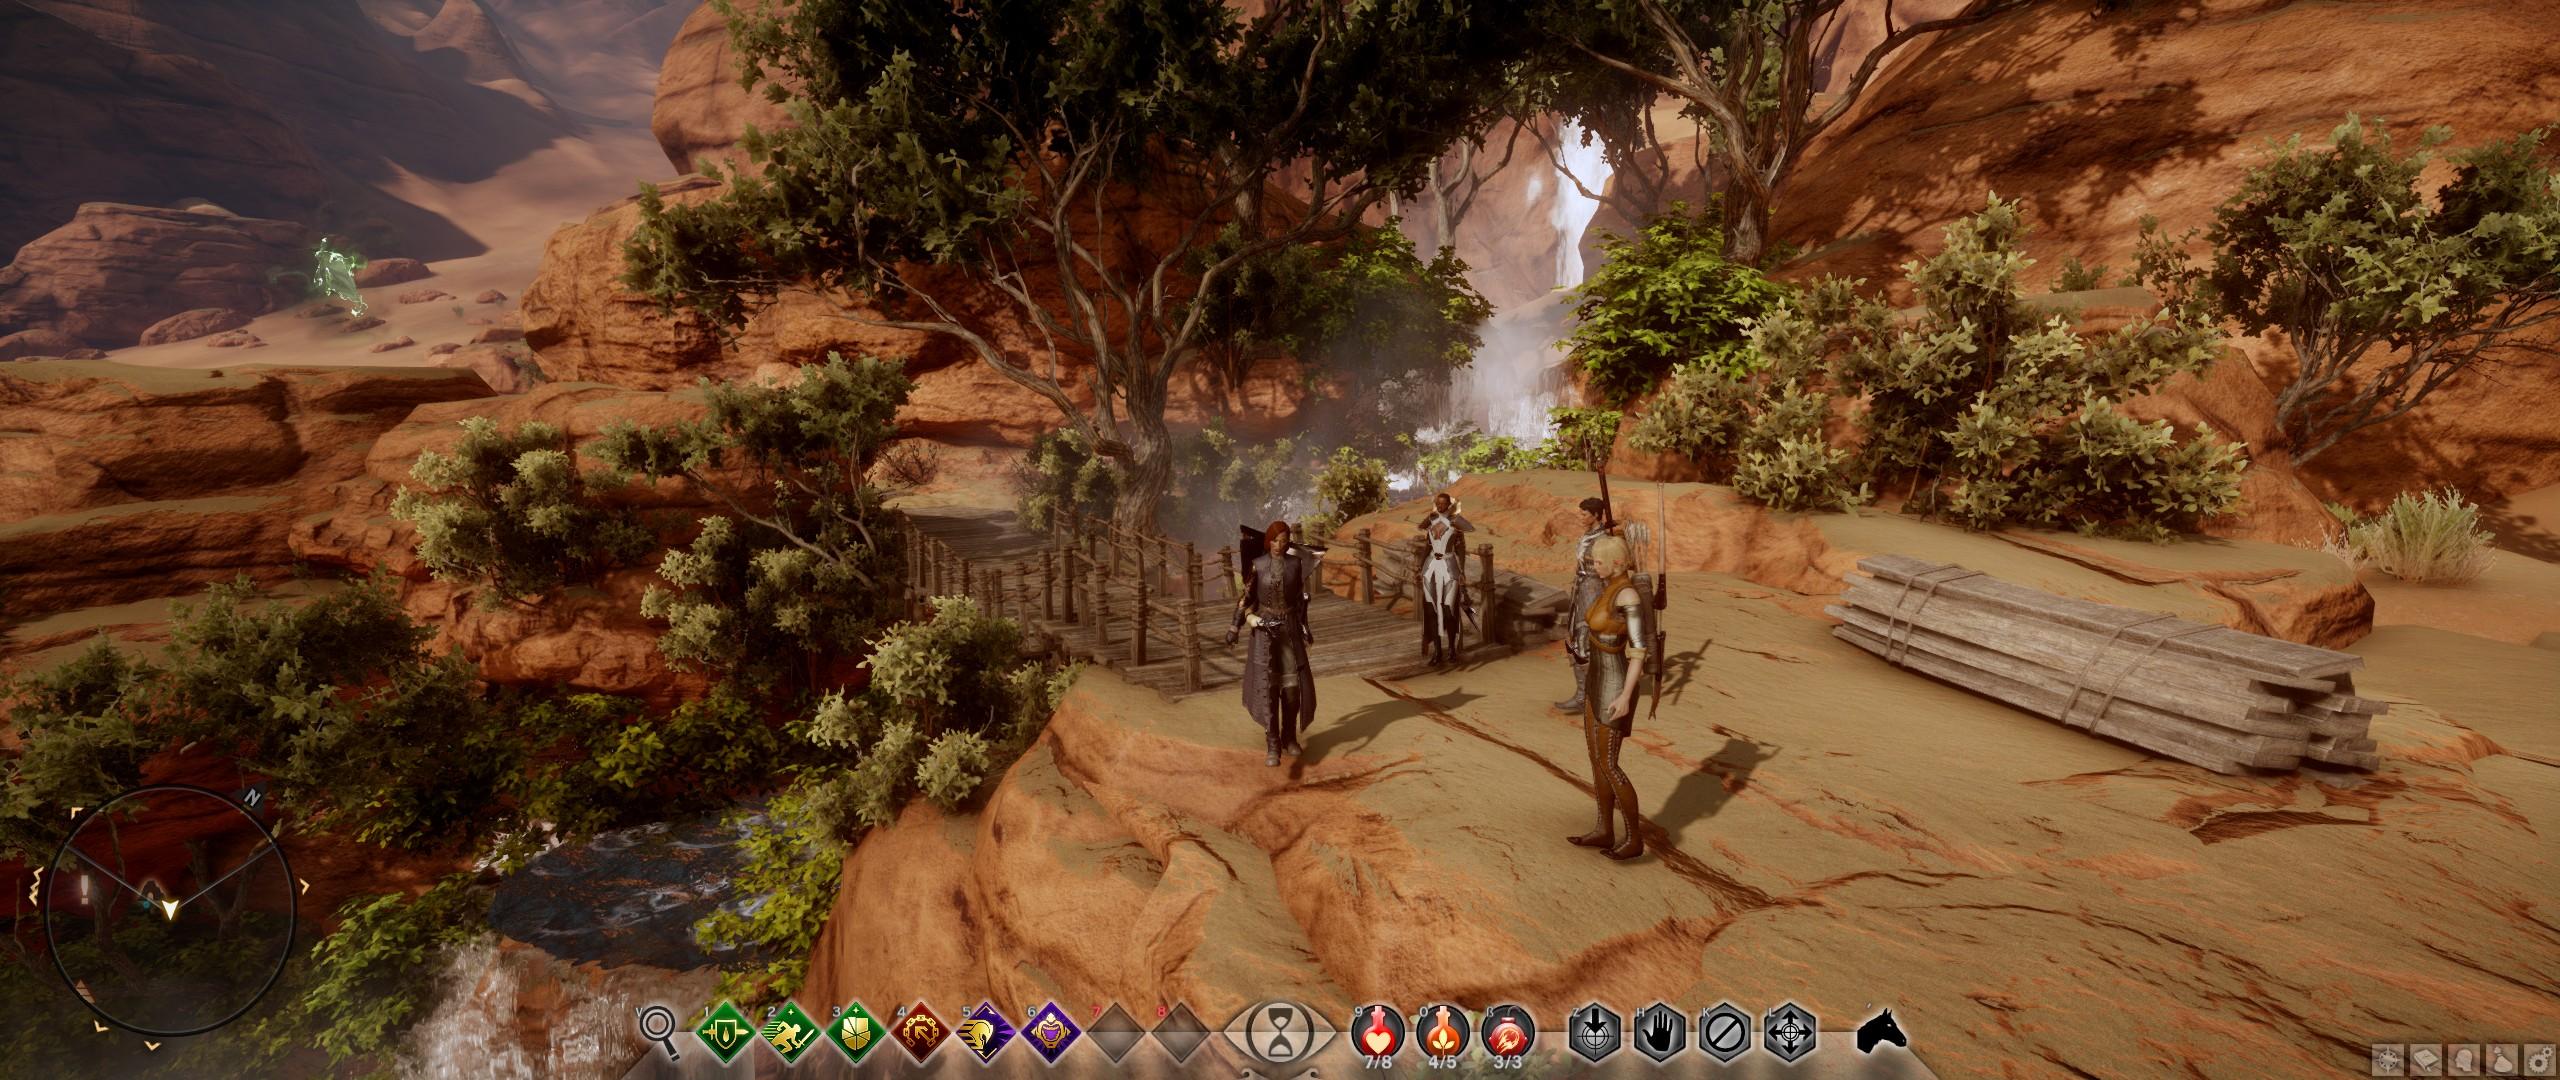 ScreenshotWin32_0034_Final